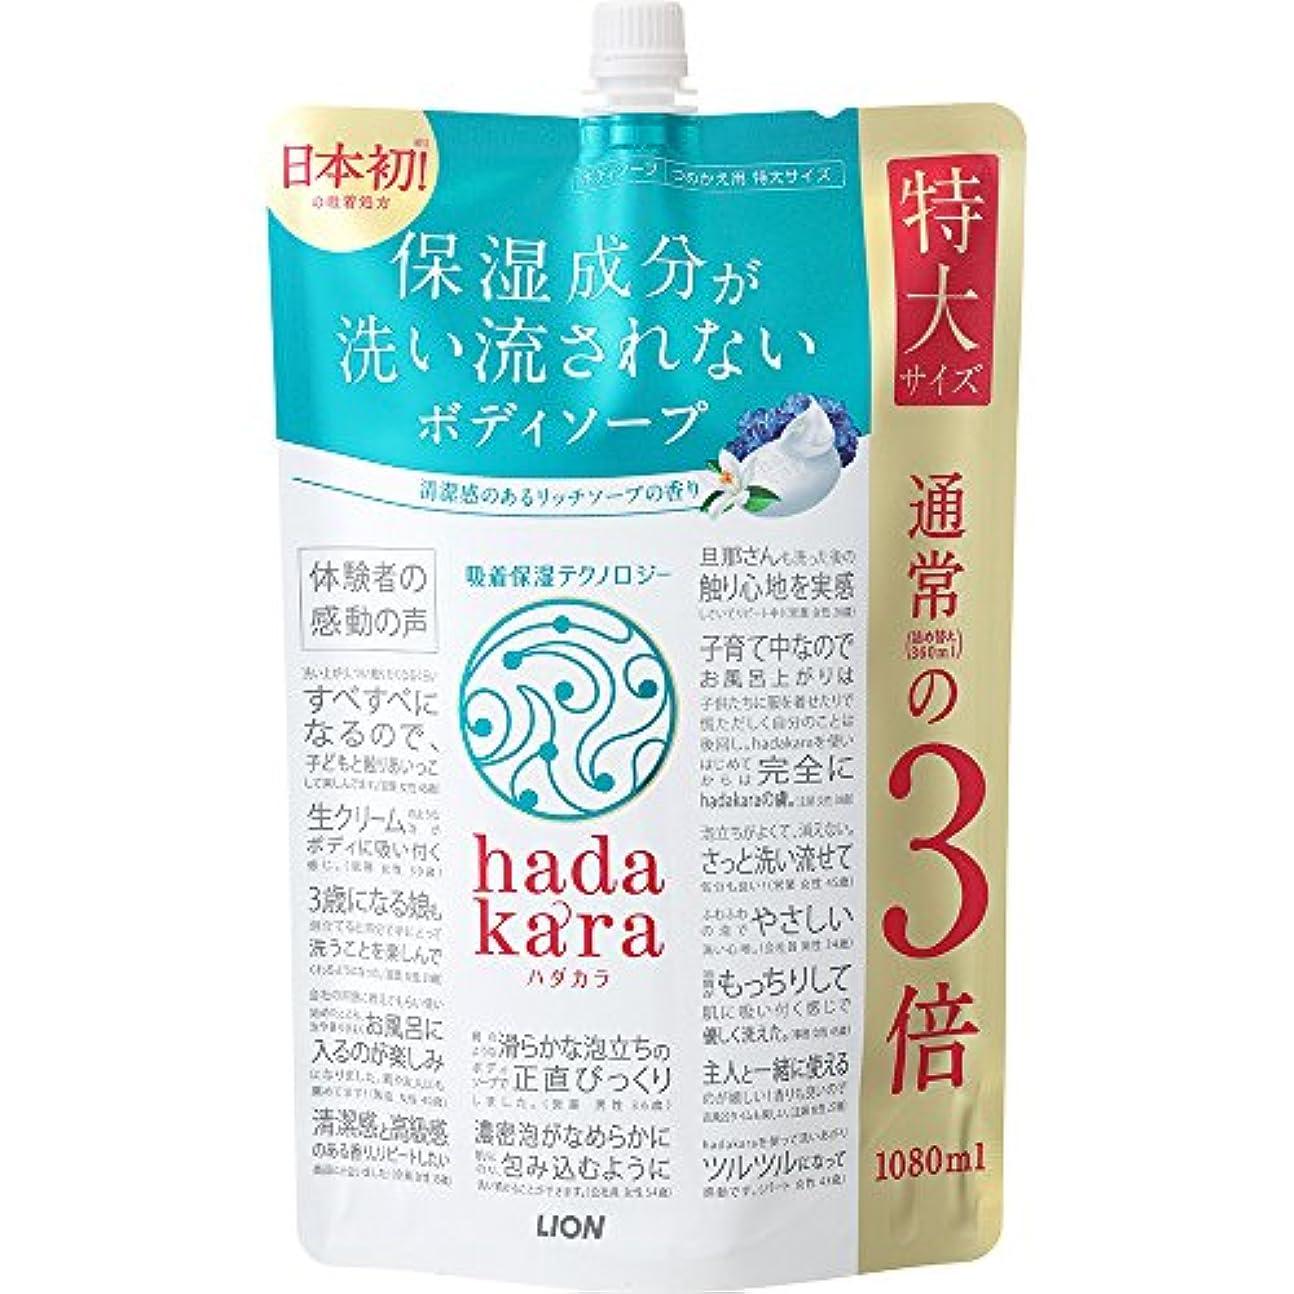 補助金キャビン正確に【大容量】hadakara(ハダカラ) ボディソープ リッチソープの香り 詰め替え 特大 1080ml